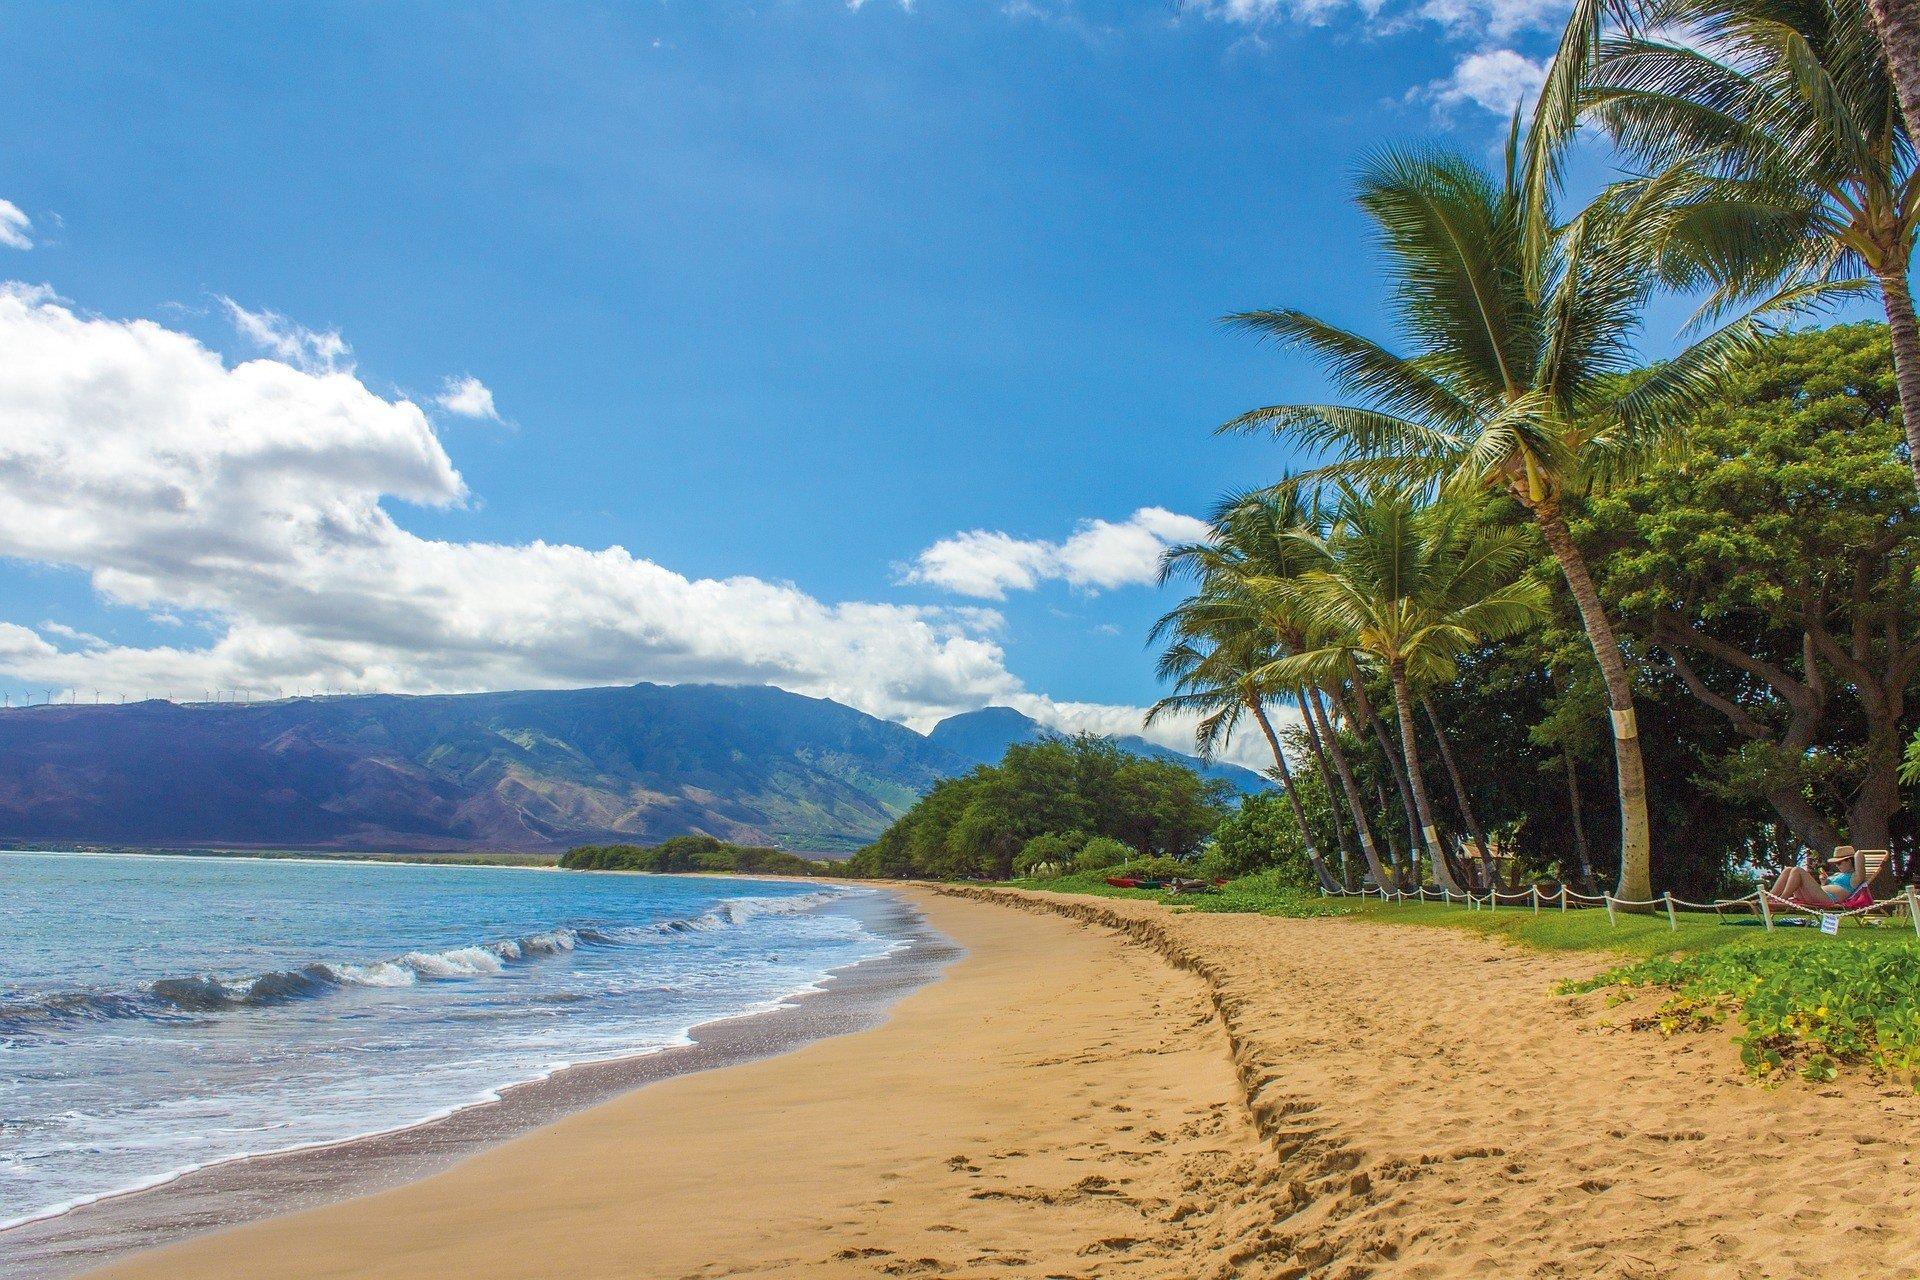 Beach at Kihei - Kihei - Where to Stay in Maui for Nightlife